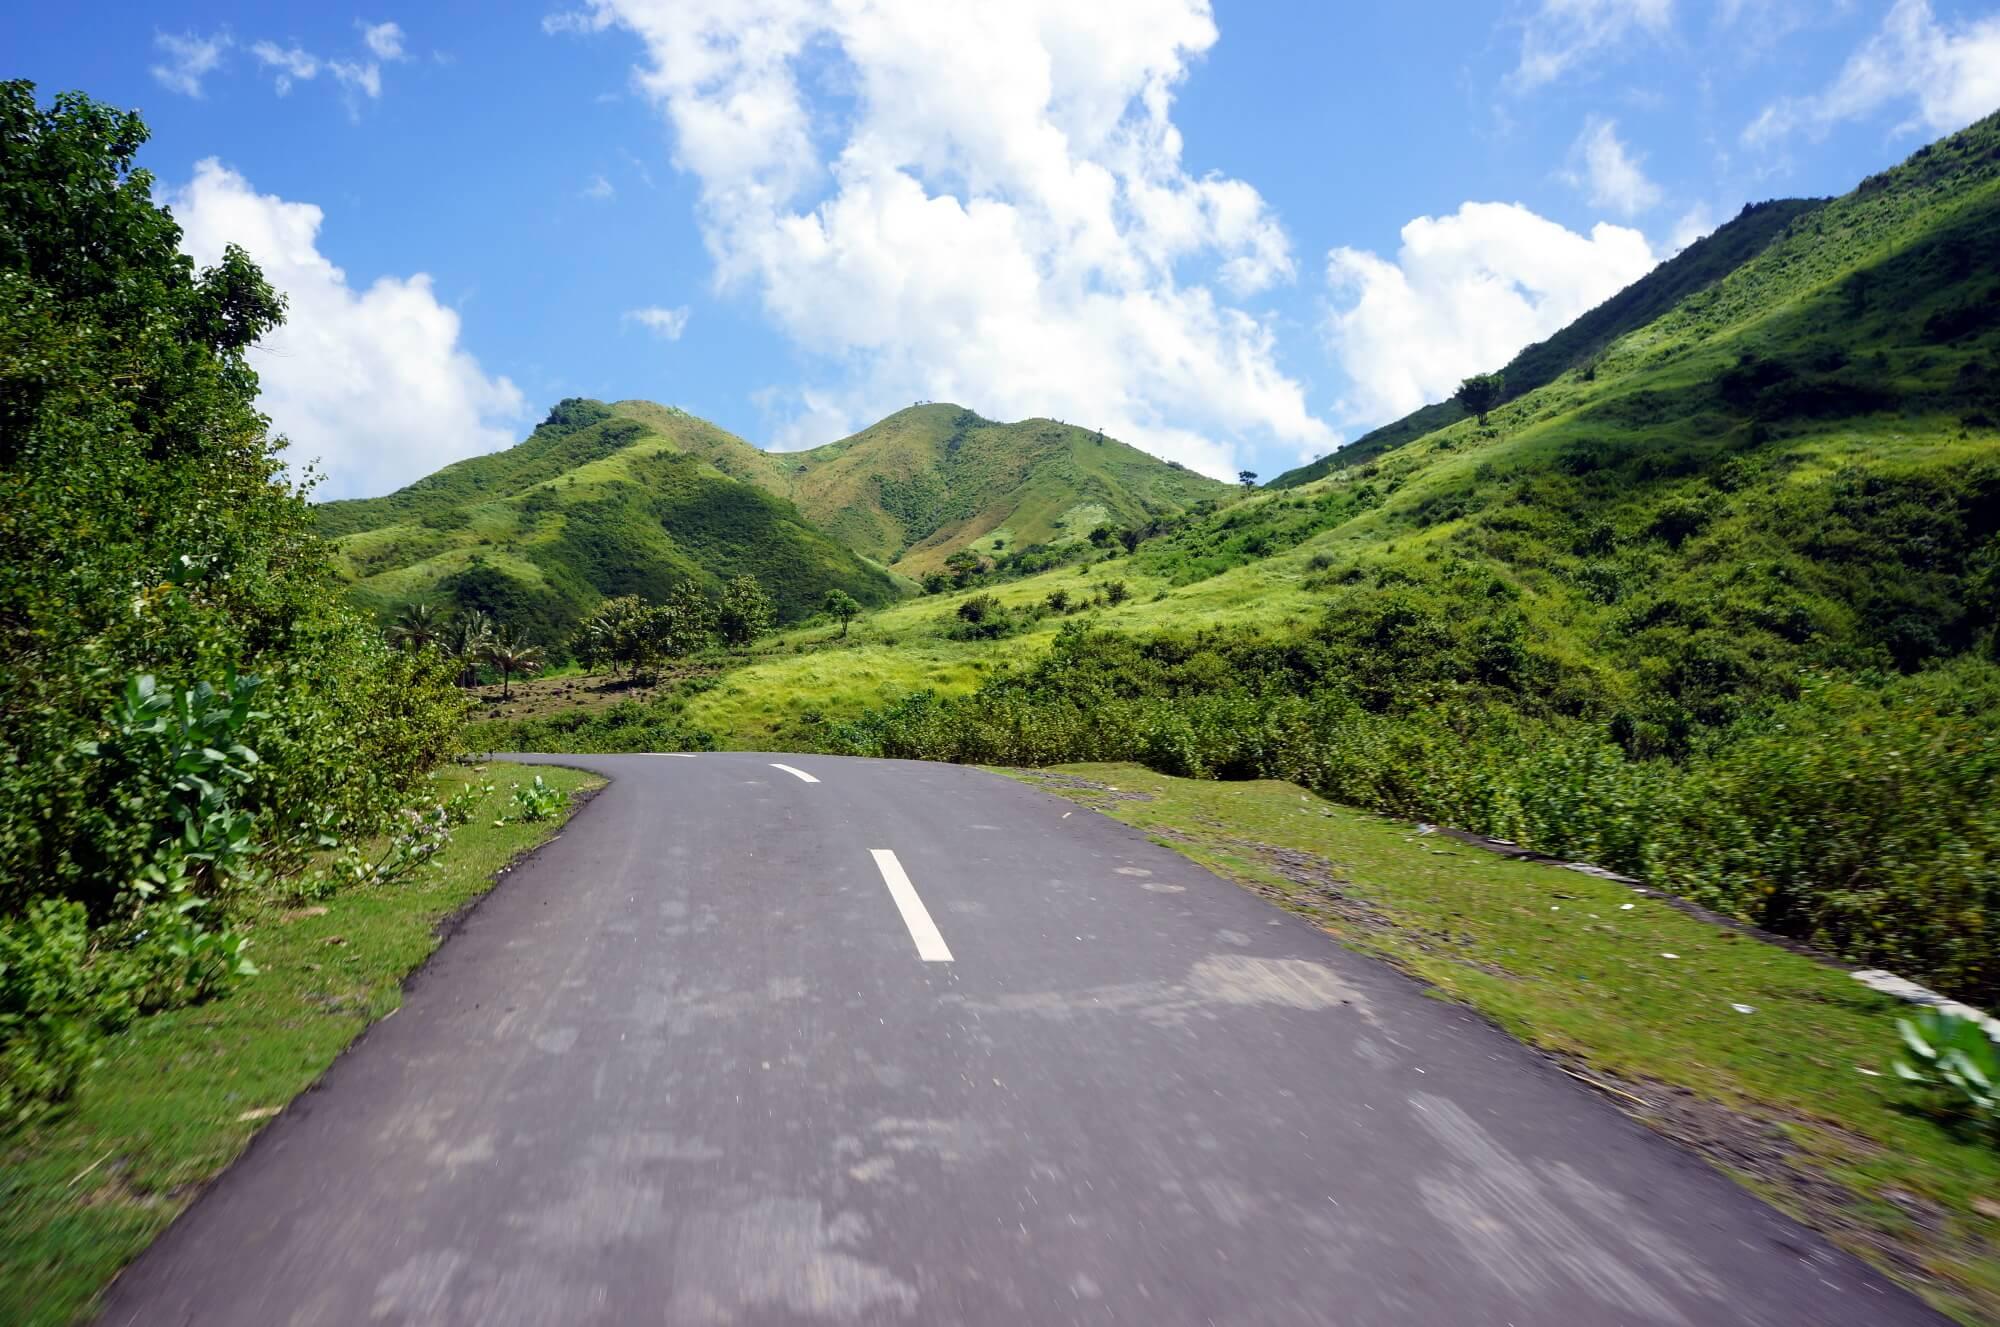 belle route du monde